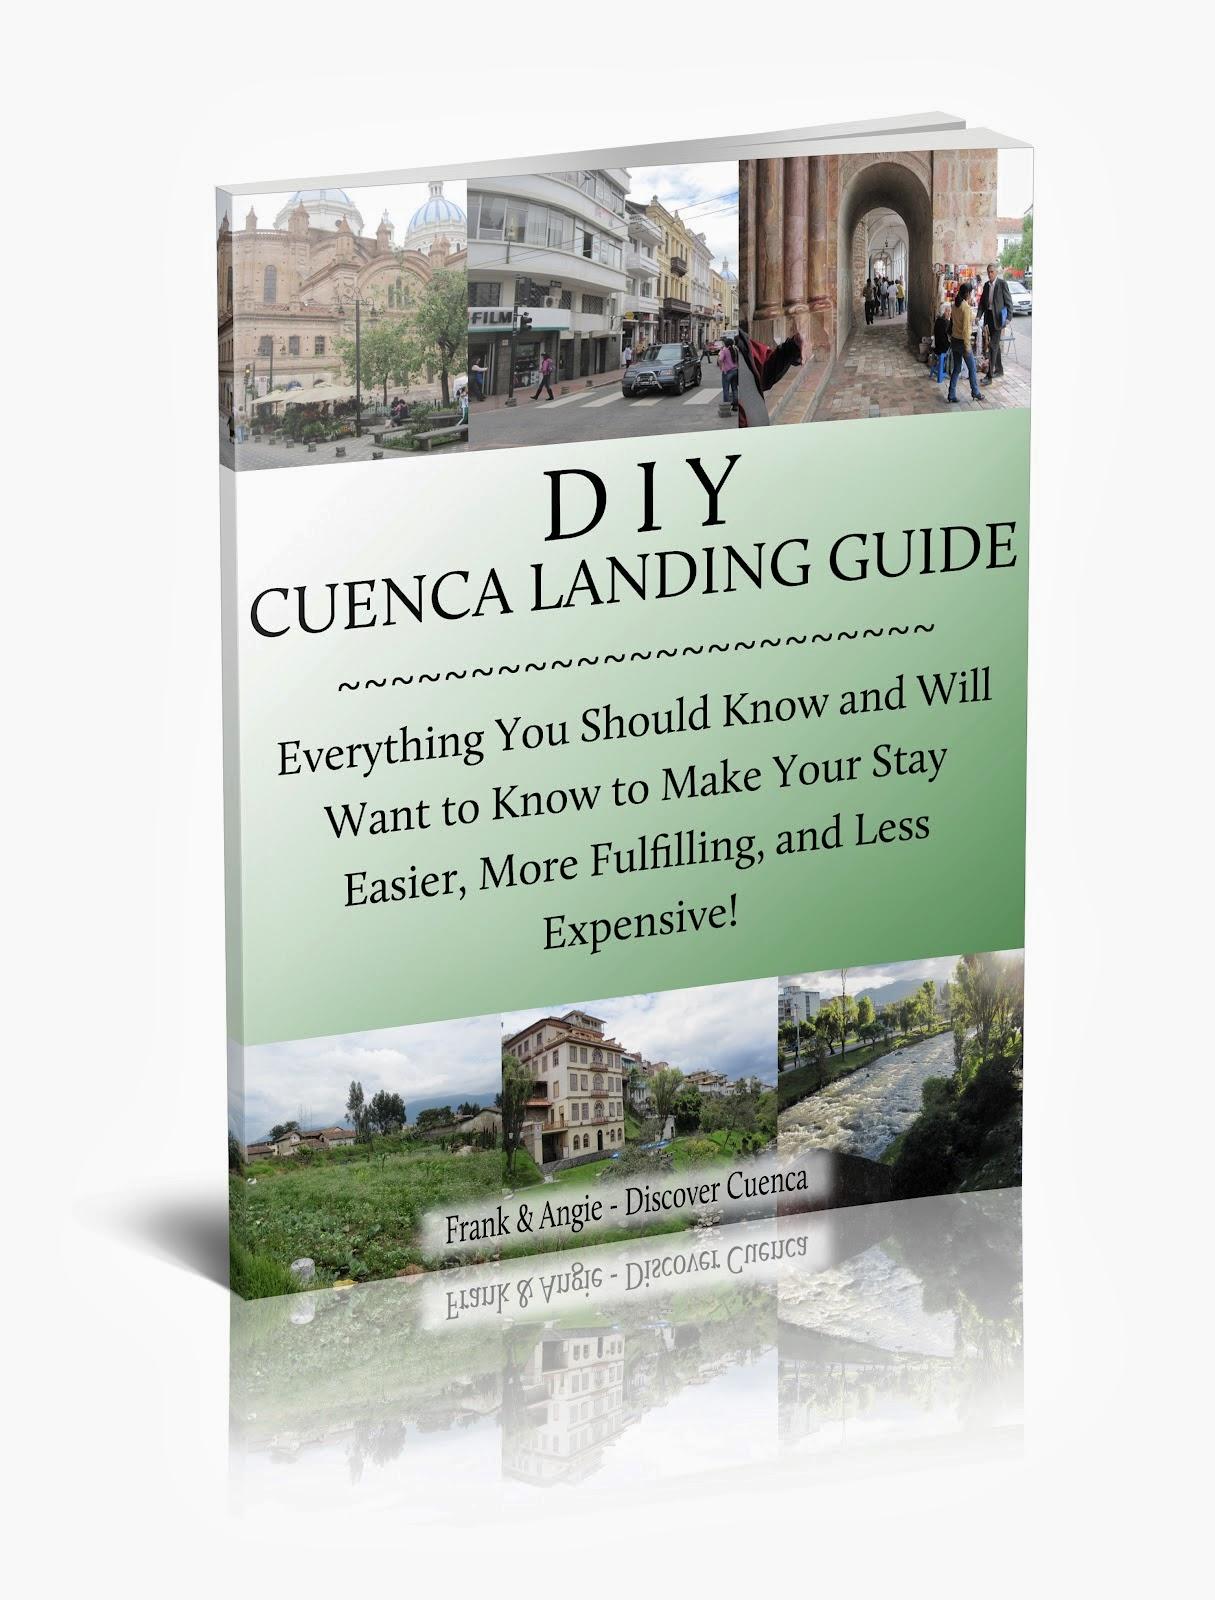 http://www.discovercuencaecuador.com/p/diy-cuenca-landing-guide.html